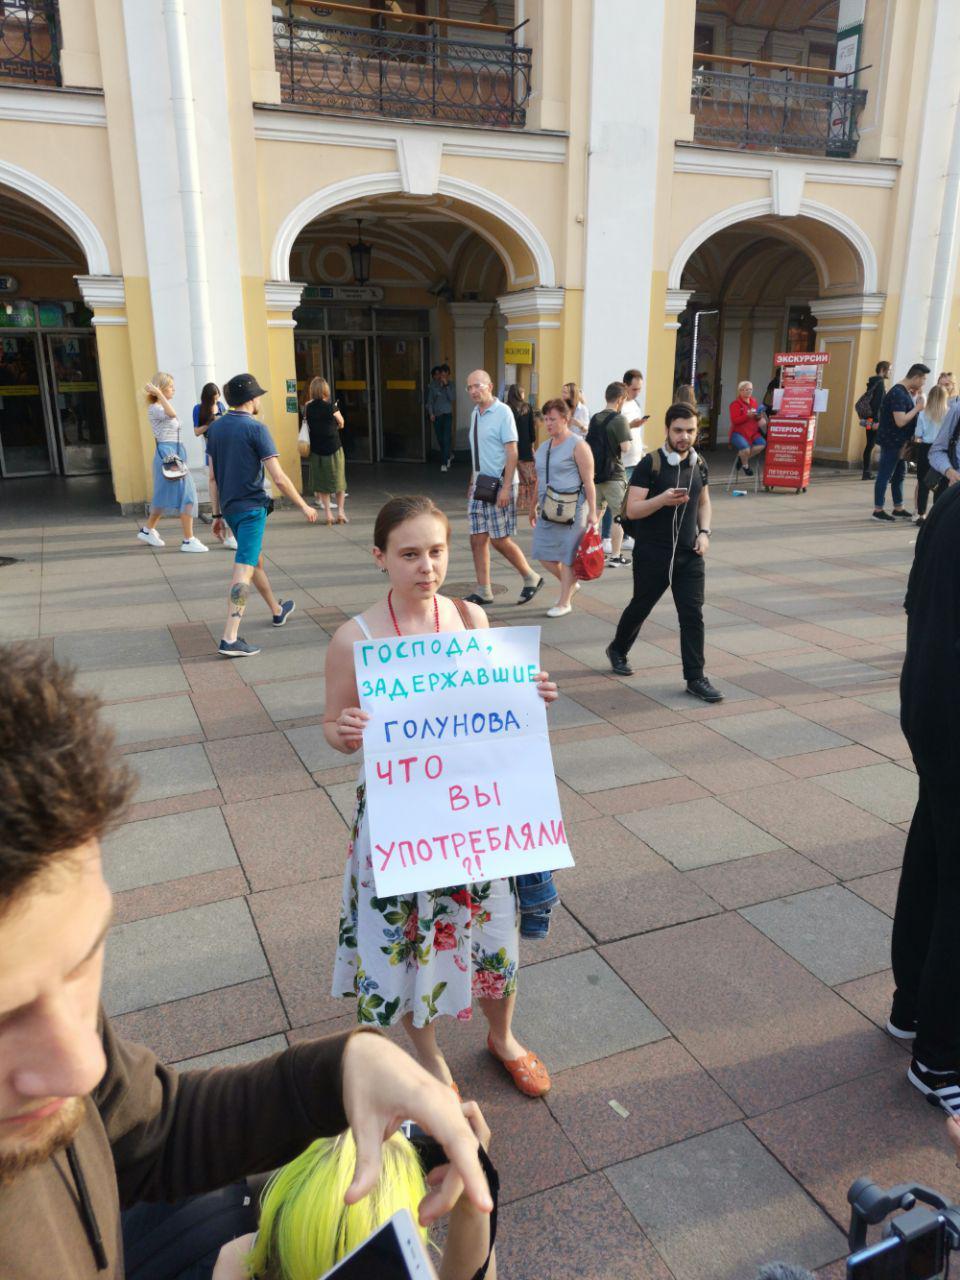 Je suis Golunov. Журналисты России выступили против задержания коллеги. Полиция делает шаг назад (Иллюстрация 1 из 1) (Фото: Олеся Михайлова)